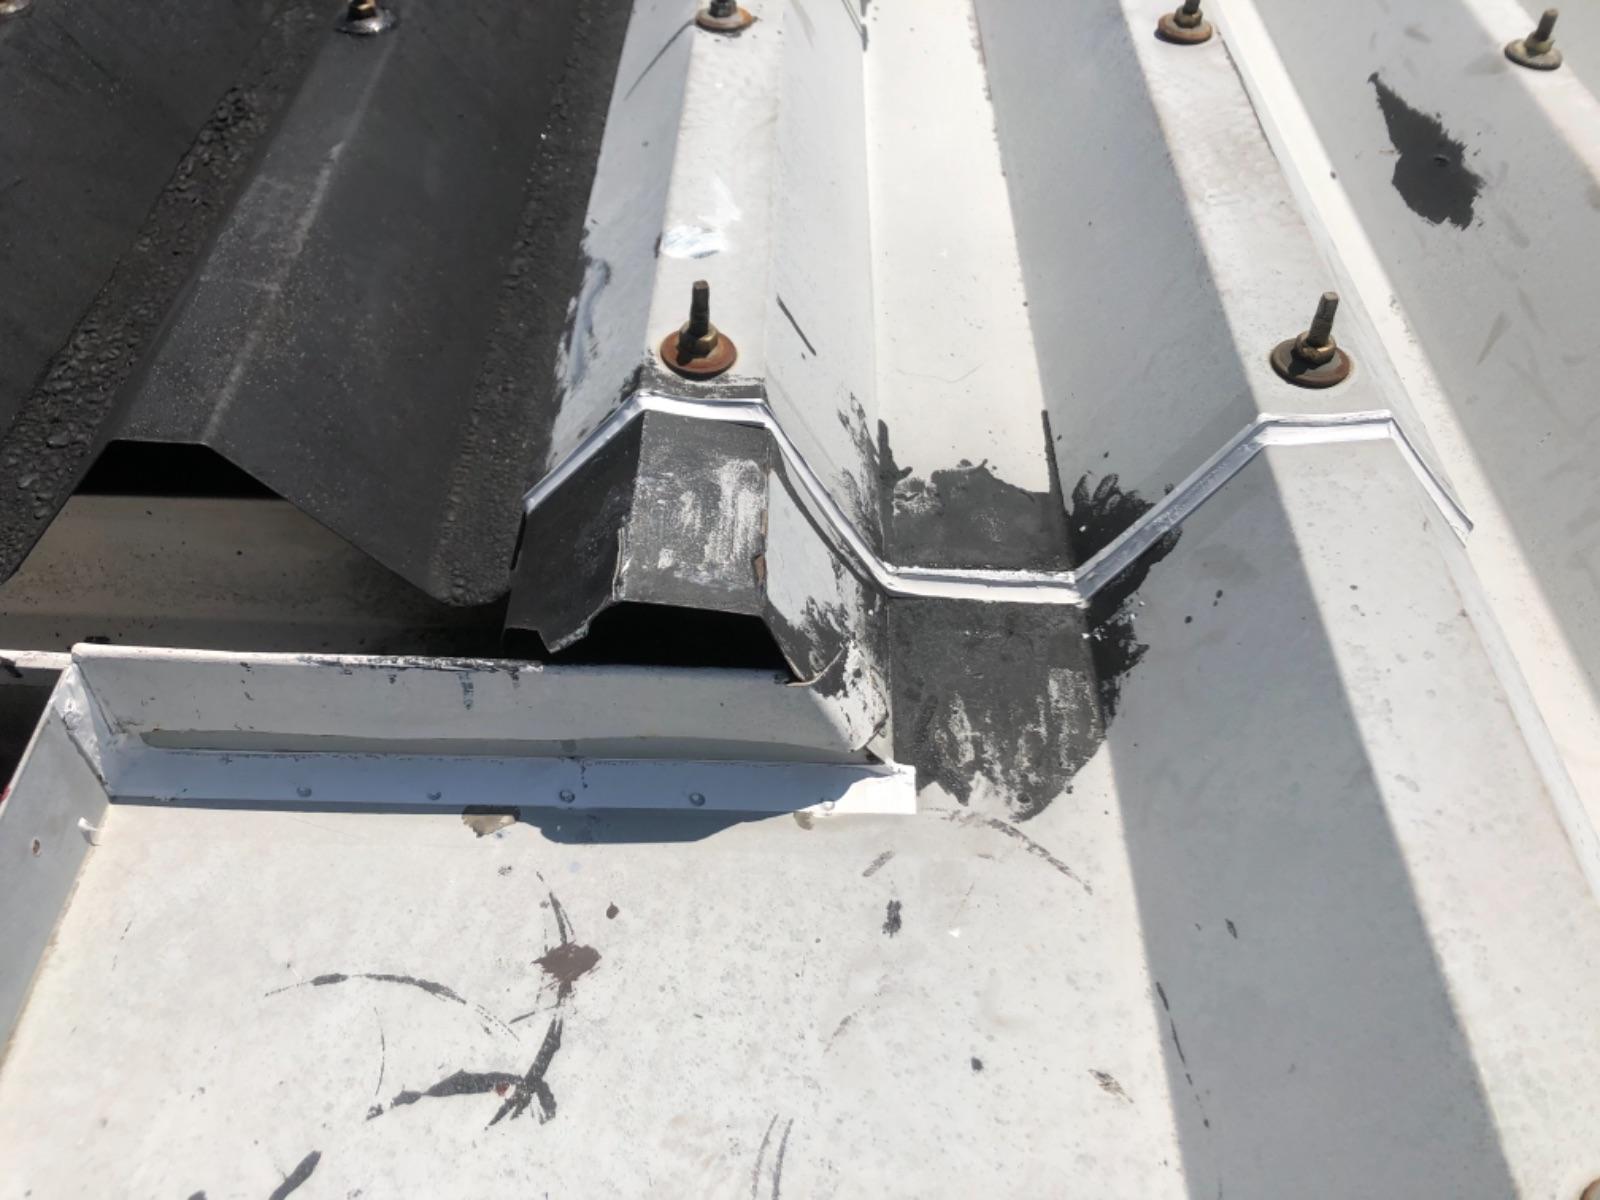 【紀の川市】M様邸 屋根塗装工事<br>『コーティングを施し、輝きと耐久性をプラス♬』8